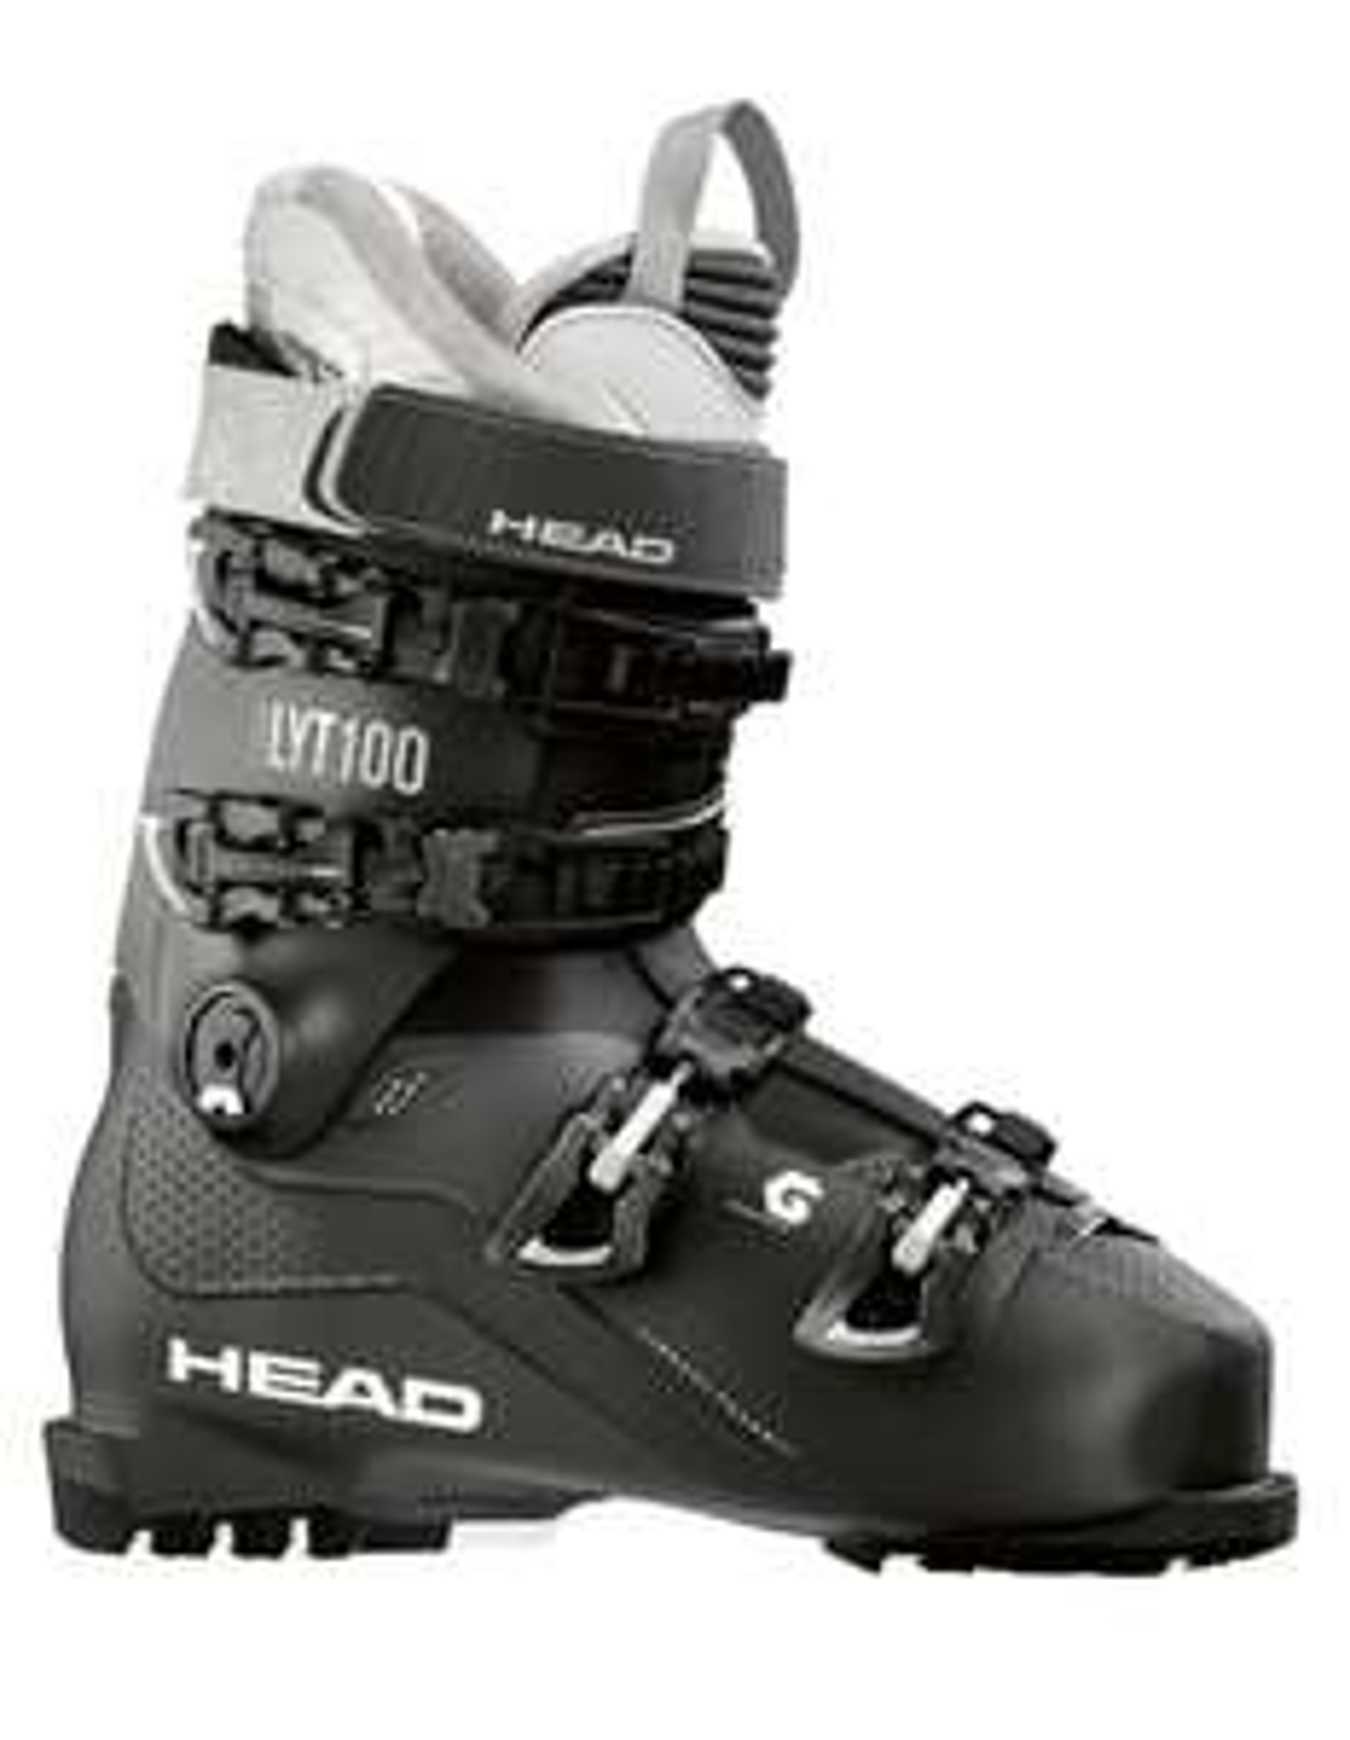 Chaussures de ski all-mountain Head Edge Lyt 100 W pour Femme - Tailles 36 à 40